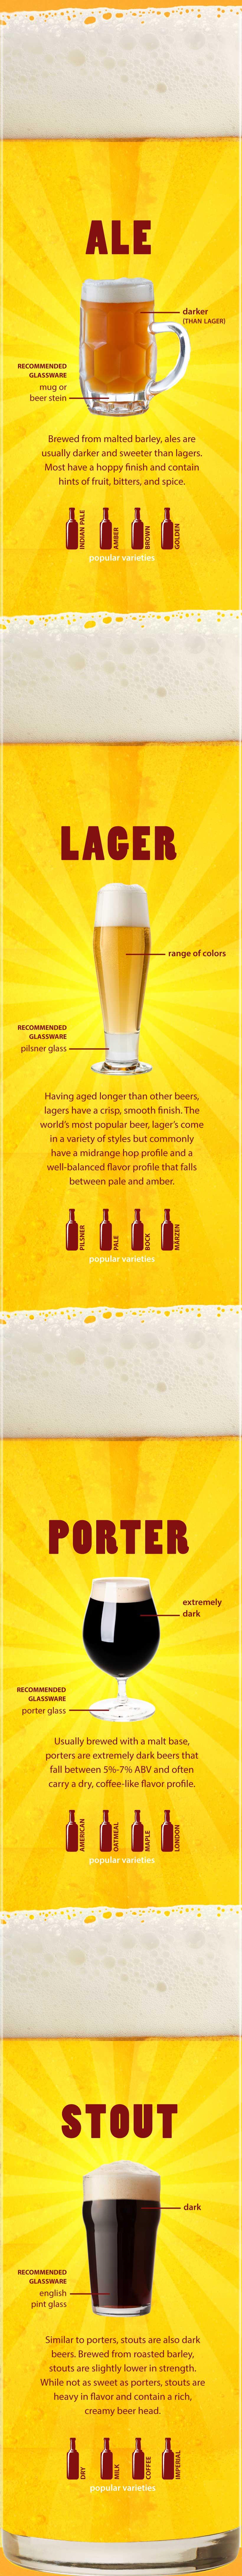 Beginners Guide to Beer and Beer Varieties